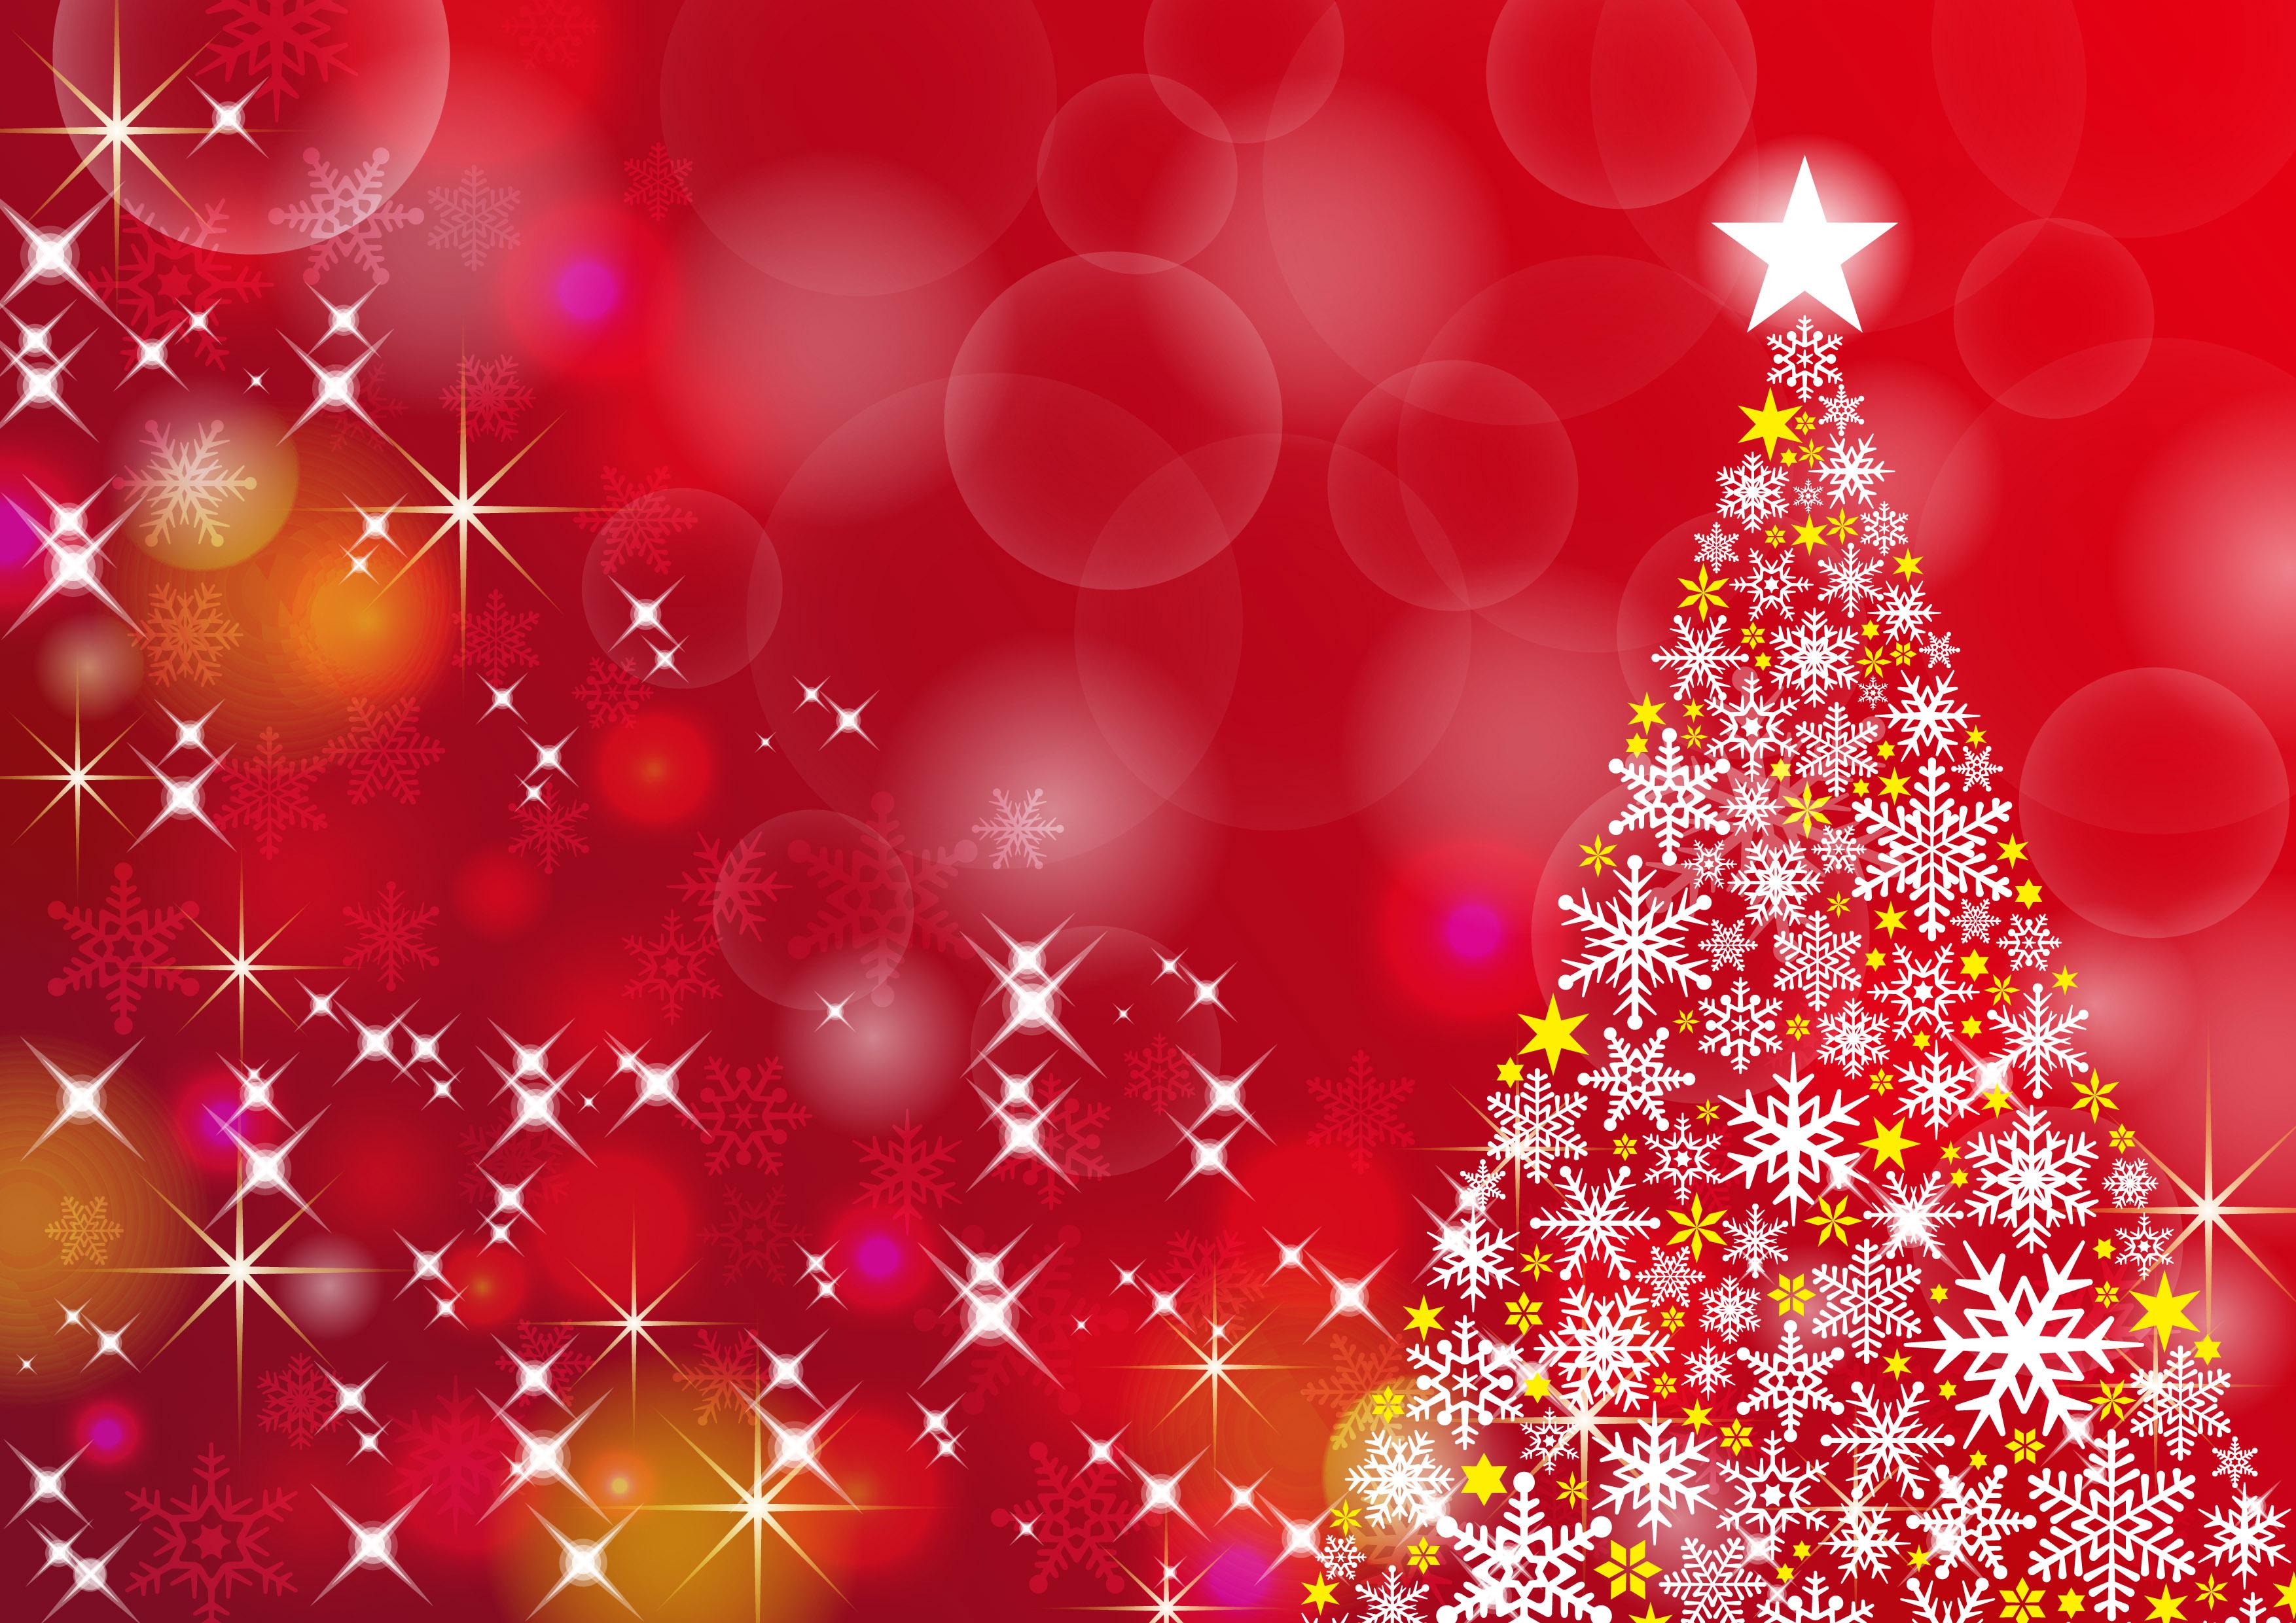 クリスマスの素材無料フリーイラストや背景等のおしゃれ素材まとめ